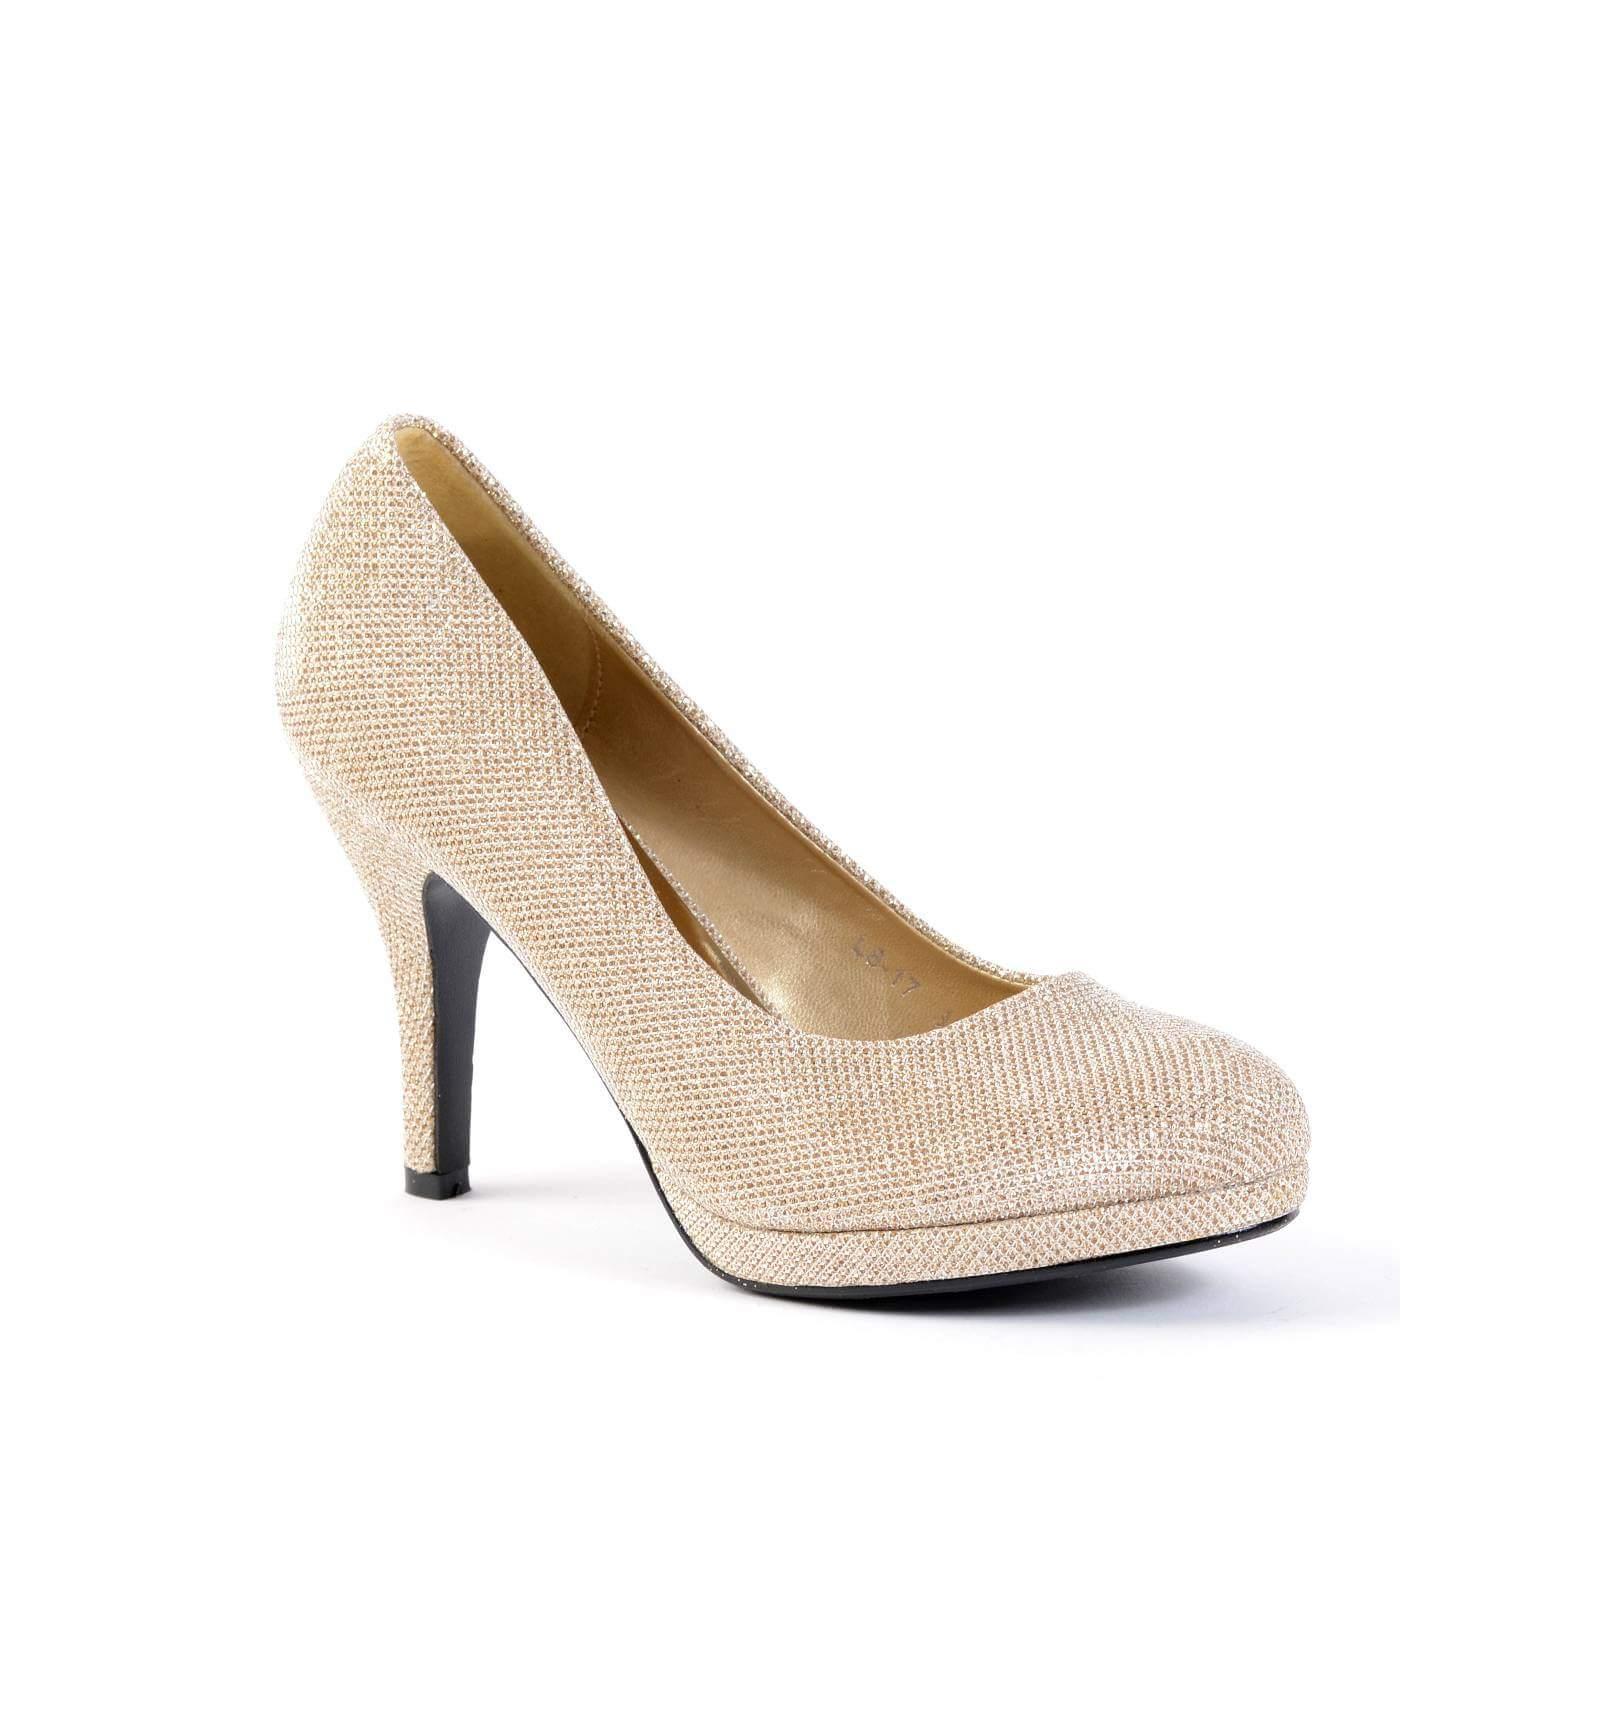 acheter populaire c6baf 971d1 Escarpins femme à paillette dorée SOFIA